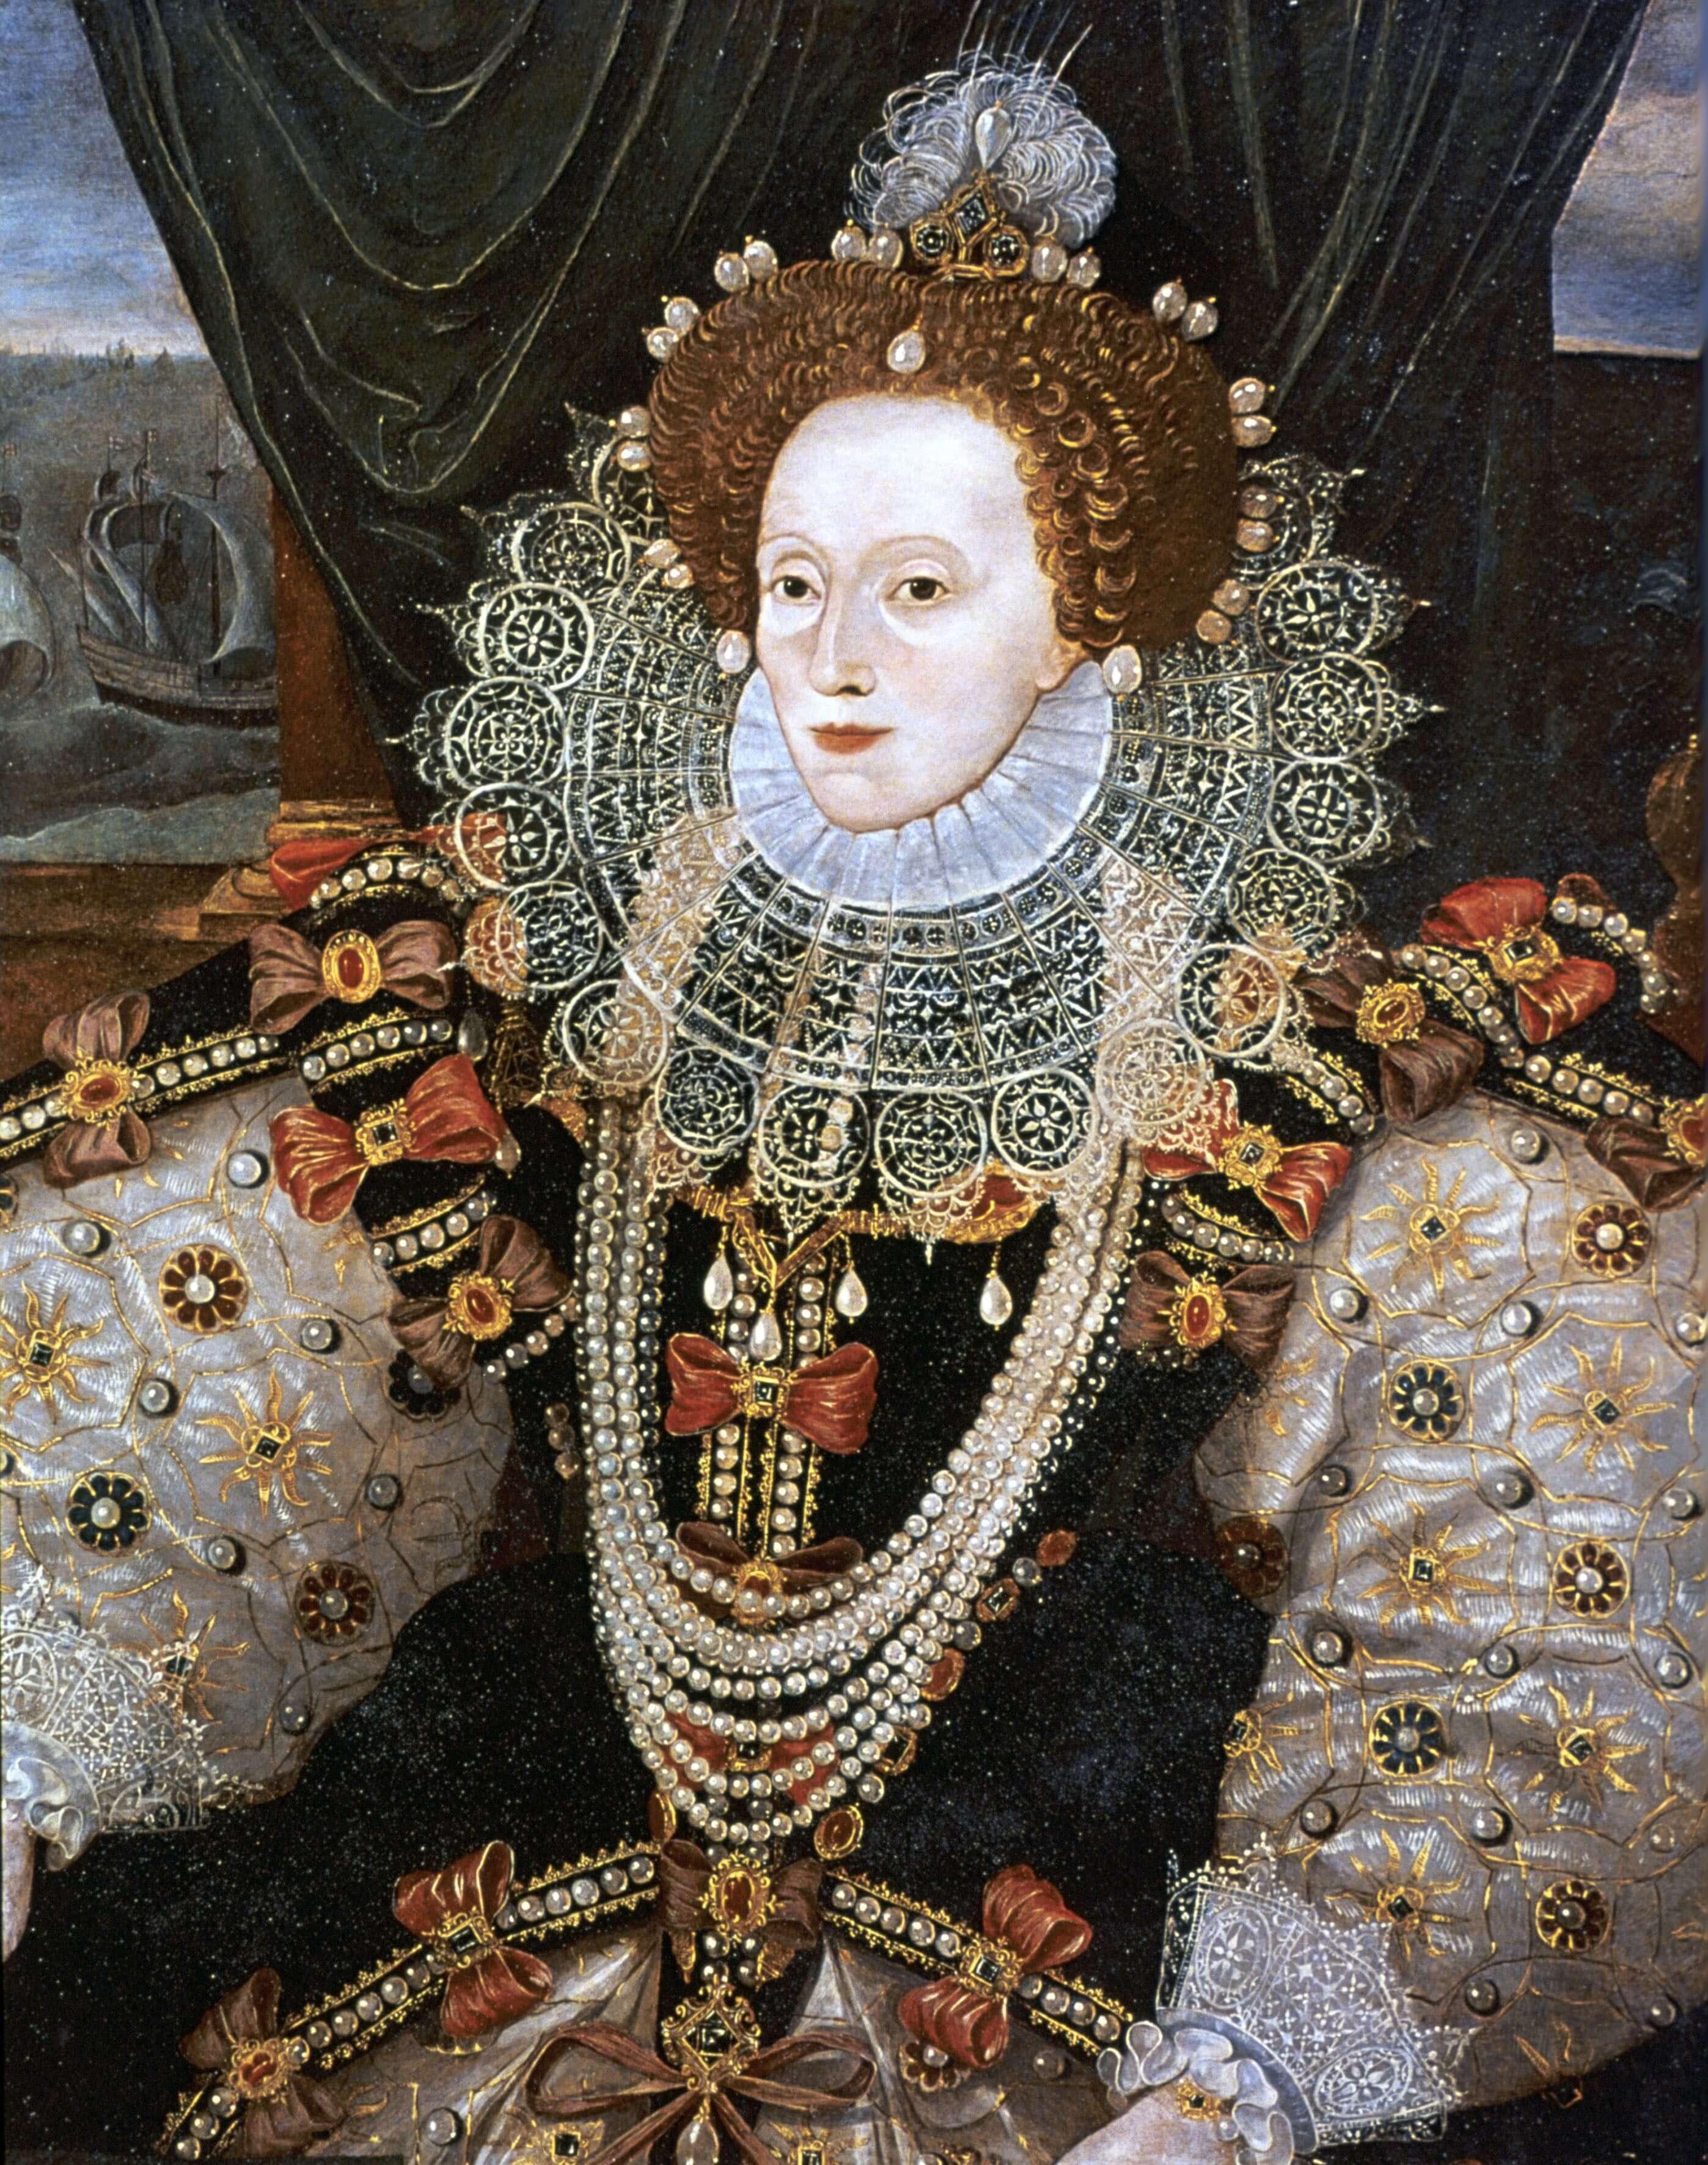 Royals, die nie geheiratet haben